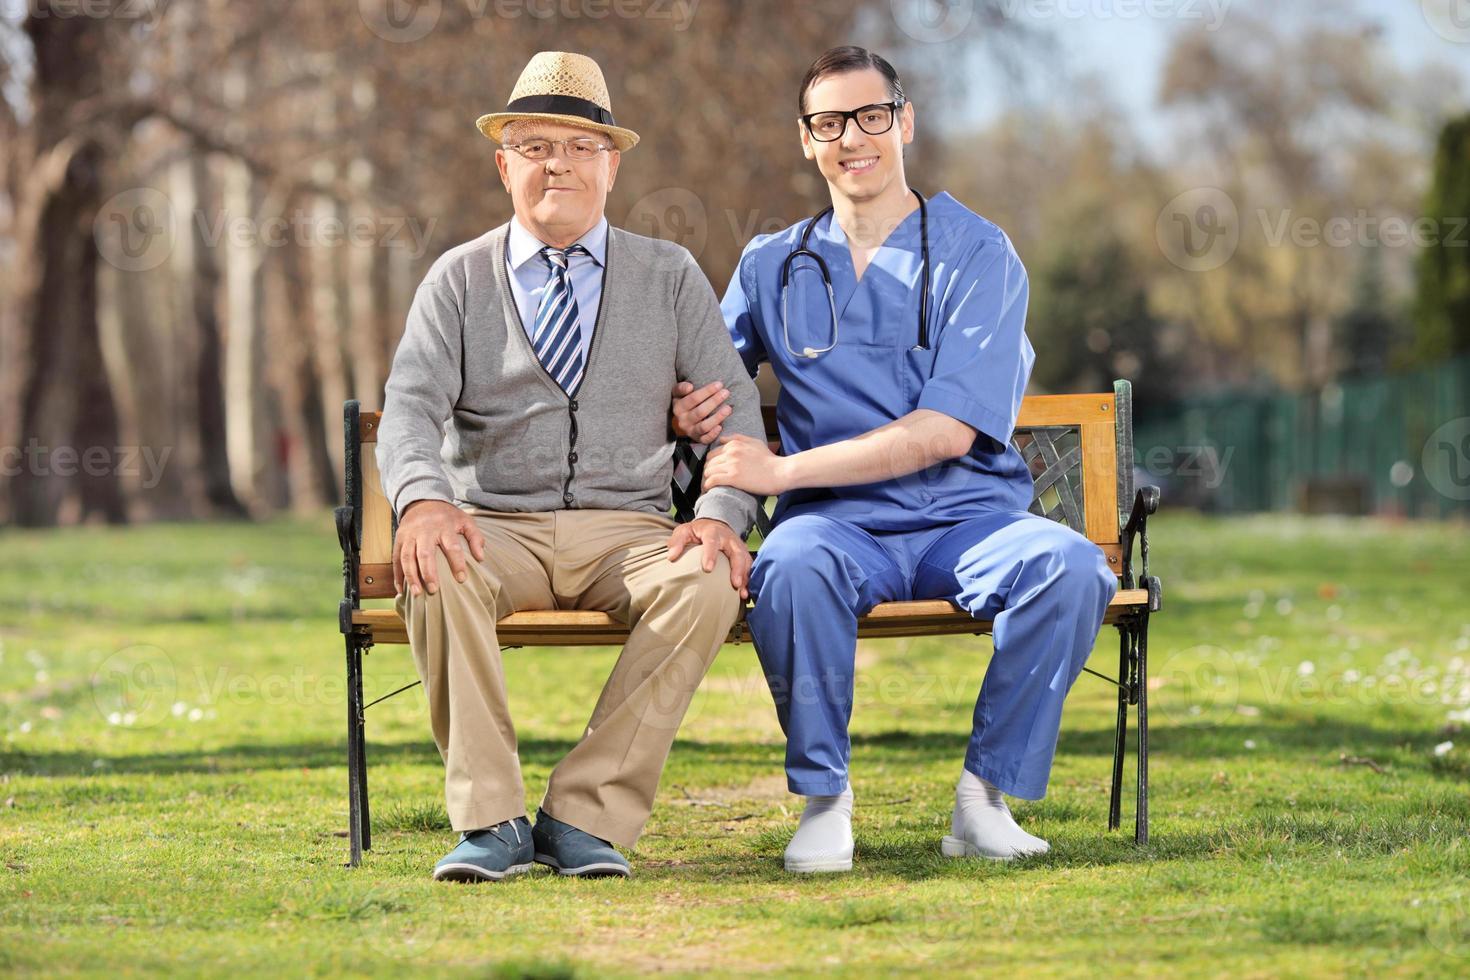 cavalheiro sênior e um enfermeiro sentado no banco foto